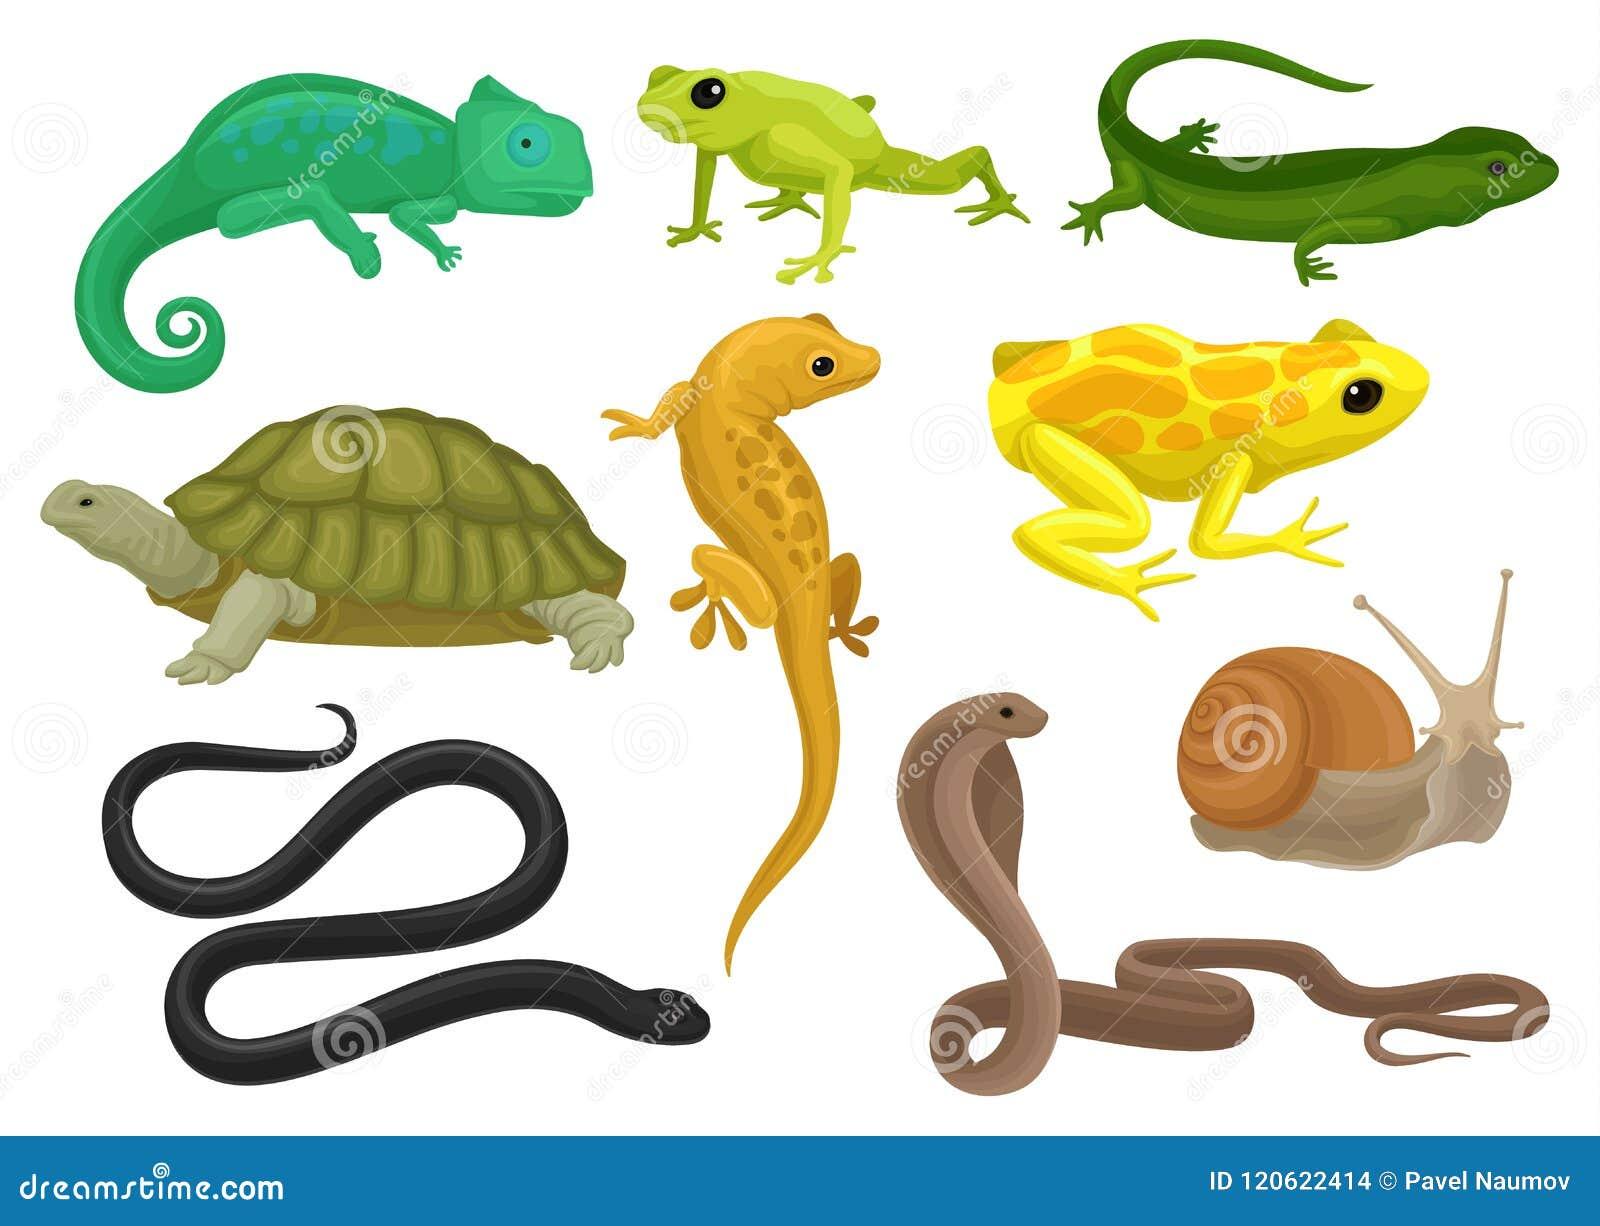 Reptiel en amfibiereeks, kameleon, kikker, schildpad, hagedis, gekko, de vectorillustratie van triton op een witte achtergrond